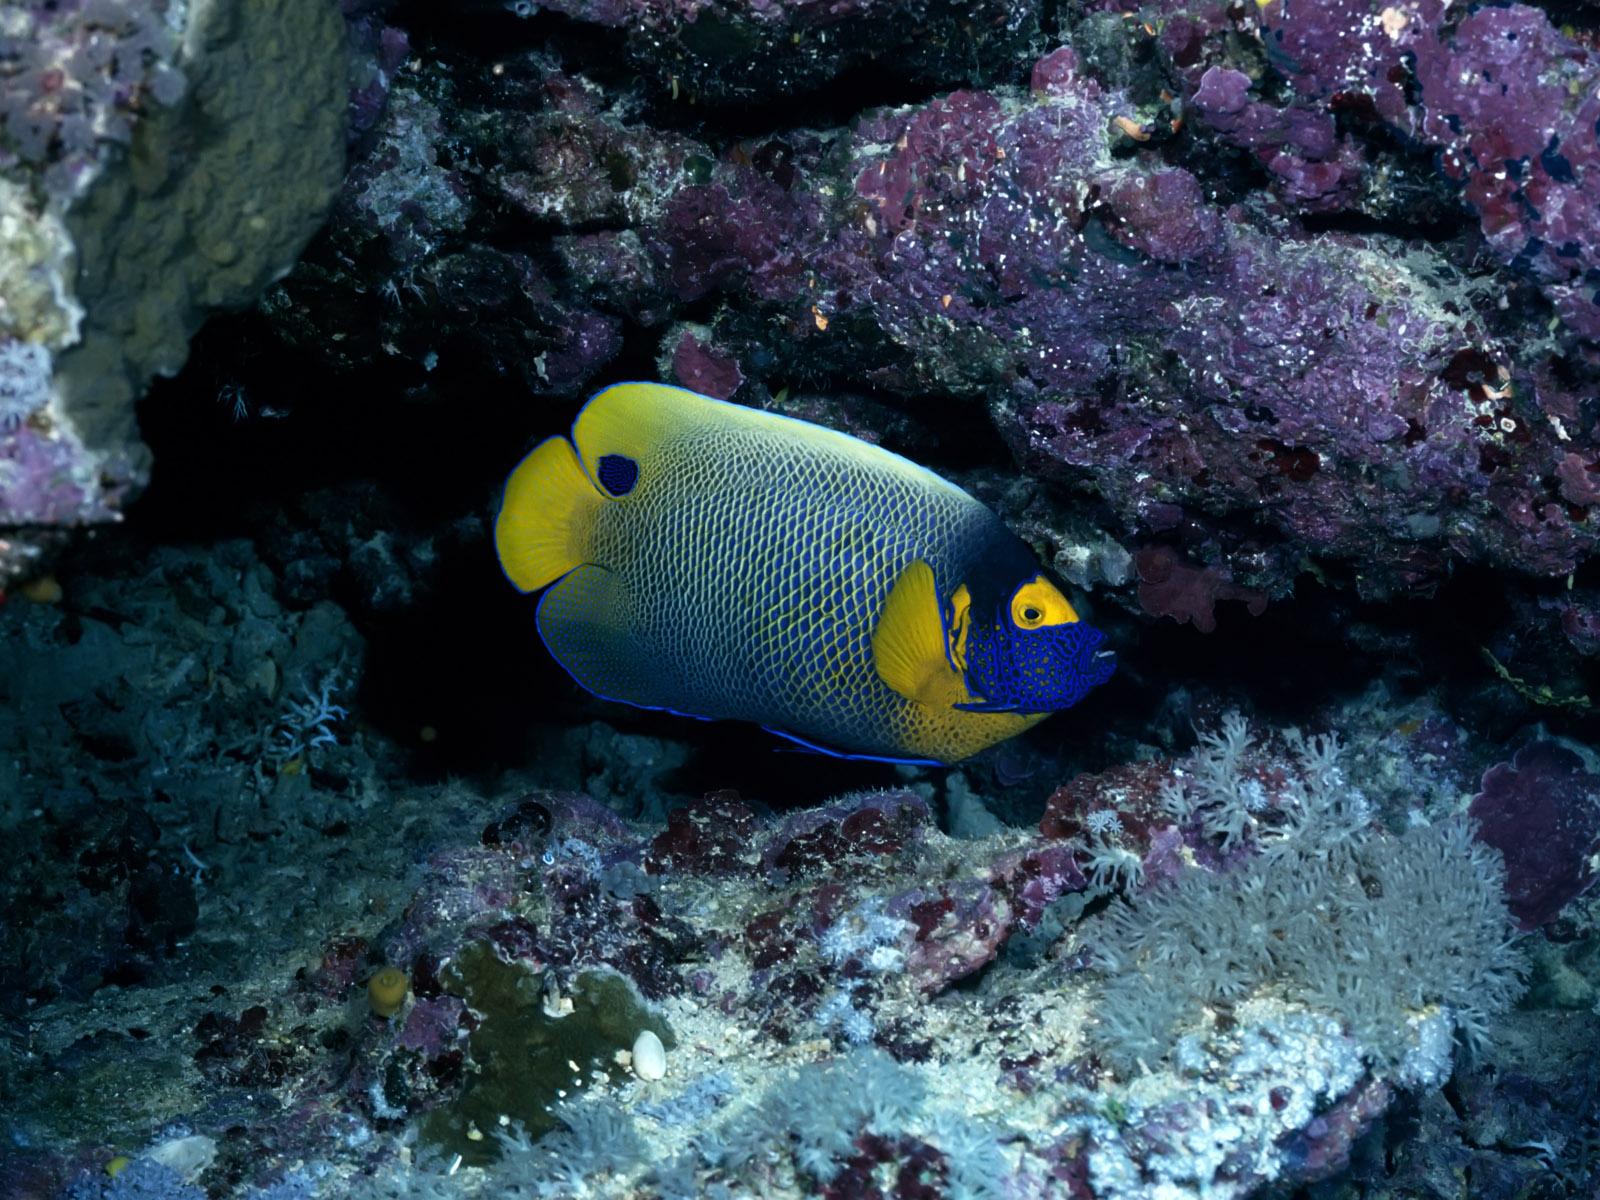 http://4.bp.blogspot.com/-NjvH0Mtia38/Tg4rP3-bEuI/AAAAAAAABBA/cdO9NC7kHyA/s1600/Underwater%2BWallpaper%2B%25252895%252529.jpg